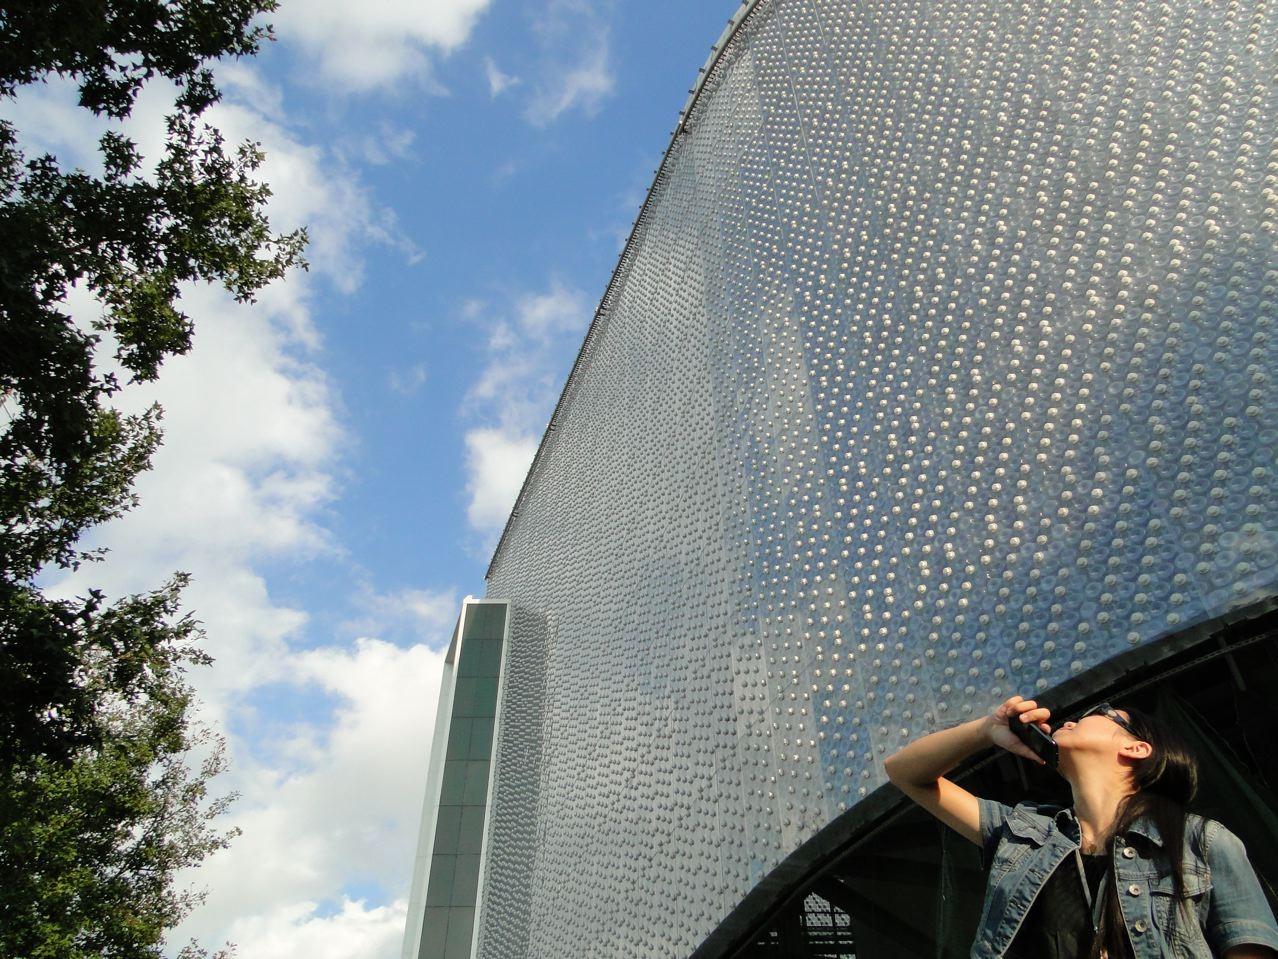 EcoArk en Taiwán: una mega-estructura construida con botellas de plástico recicladas